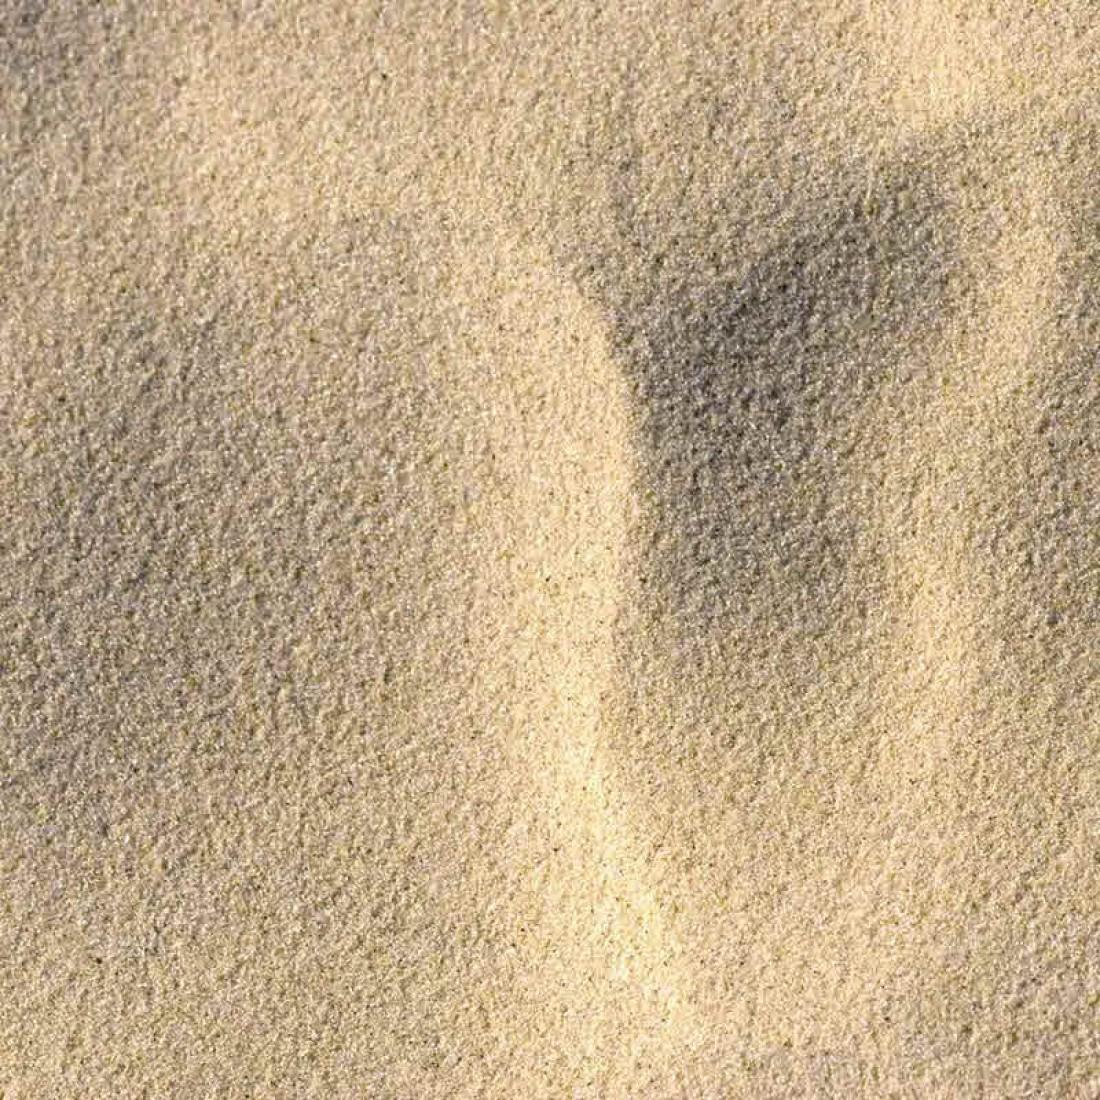 очень мелкий песок